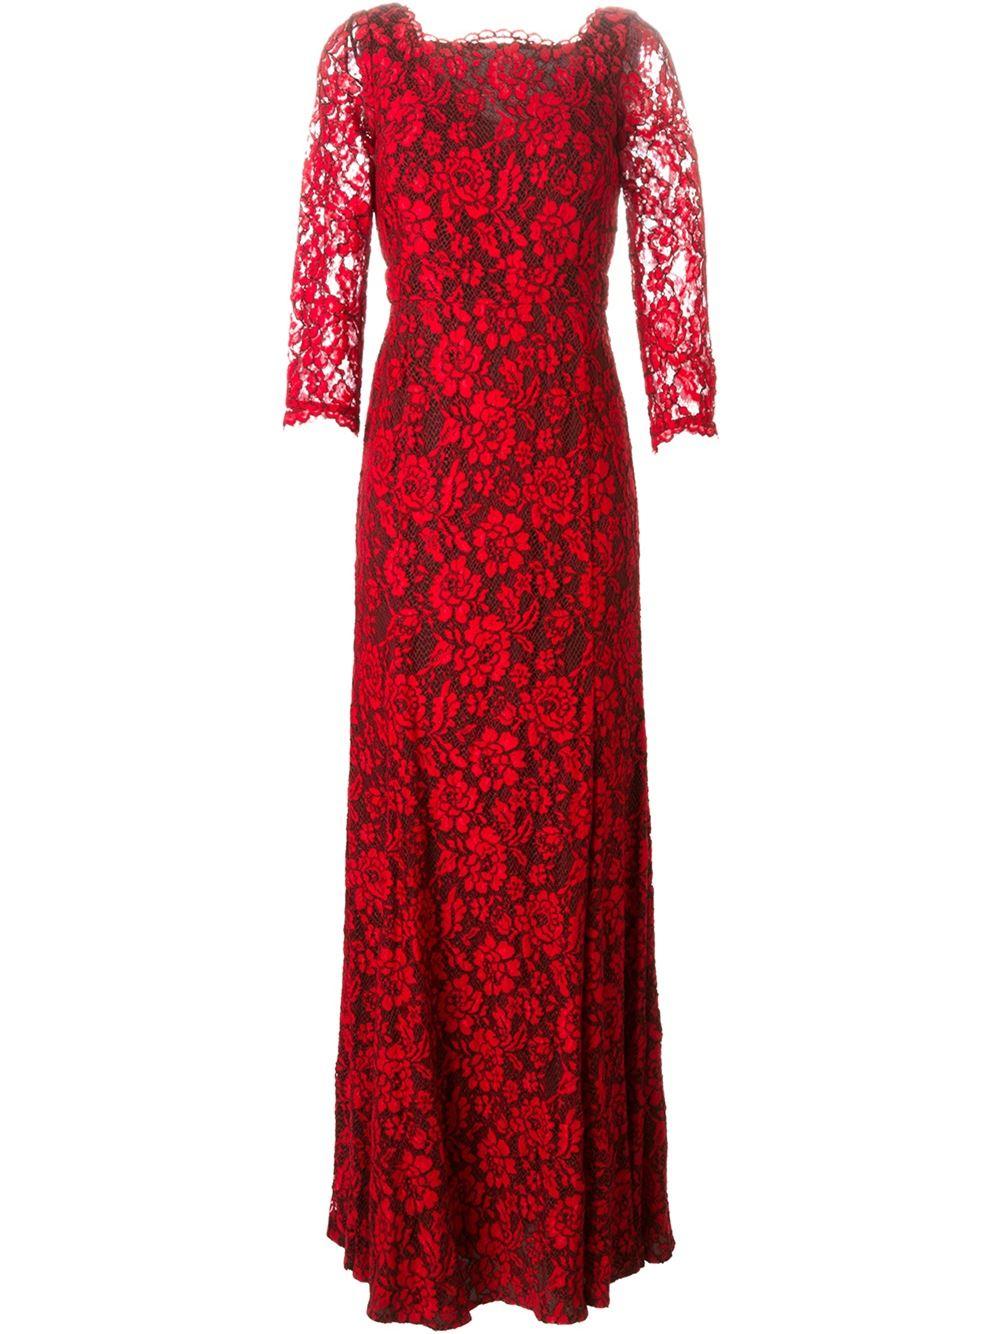 Lyst - Diane Von Furstenberg Floral Lace Evening Dress in Red